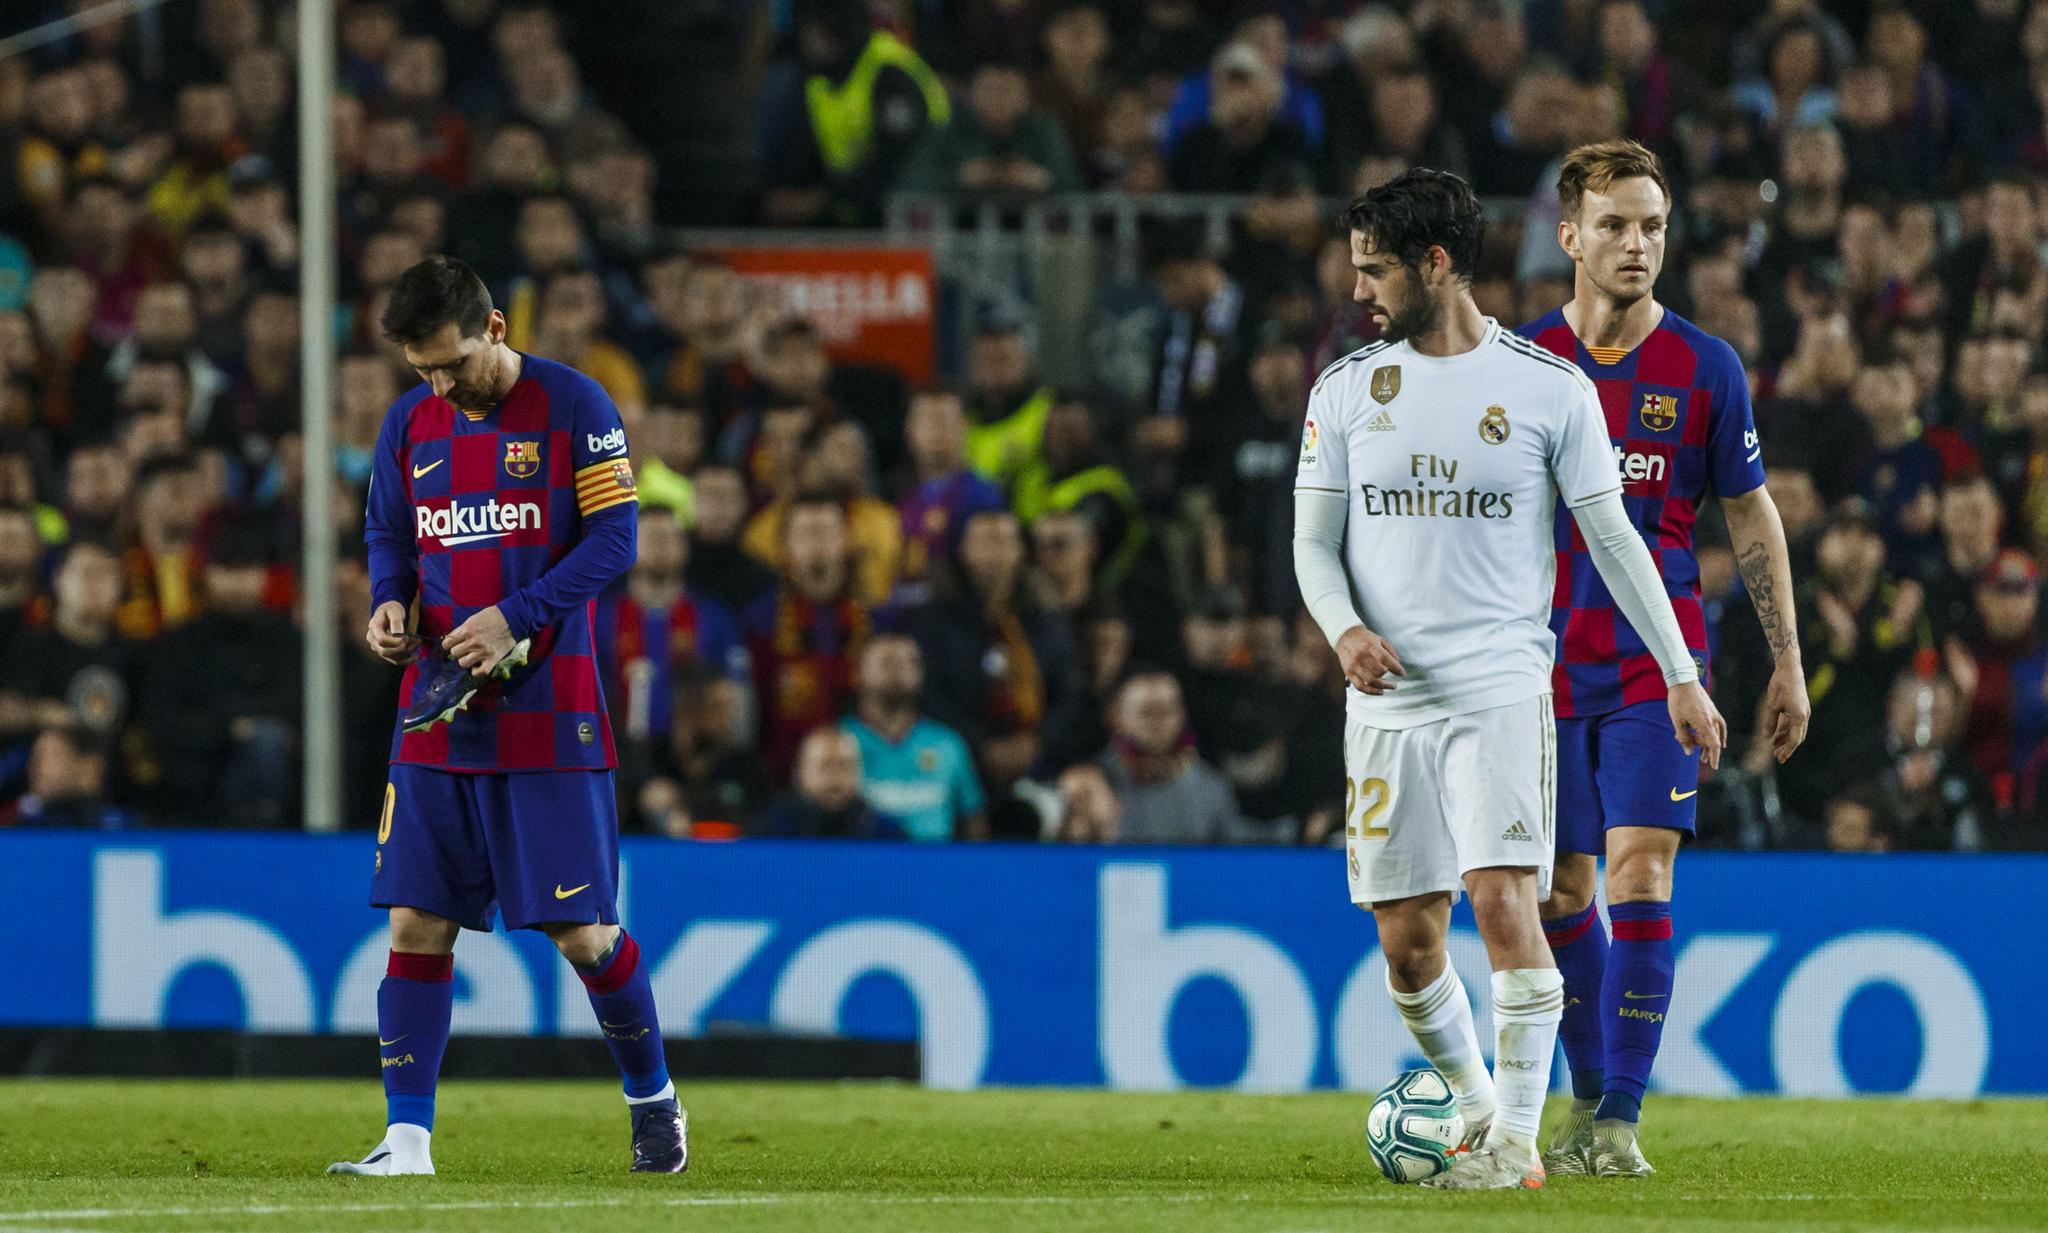 PARTIDO FC BARCELONA Real Madrid, EL CLASICO